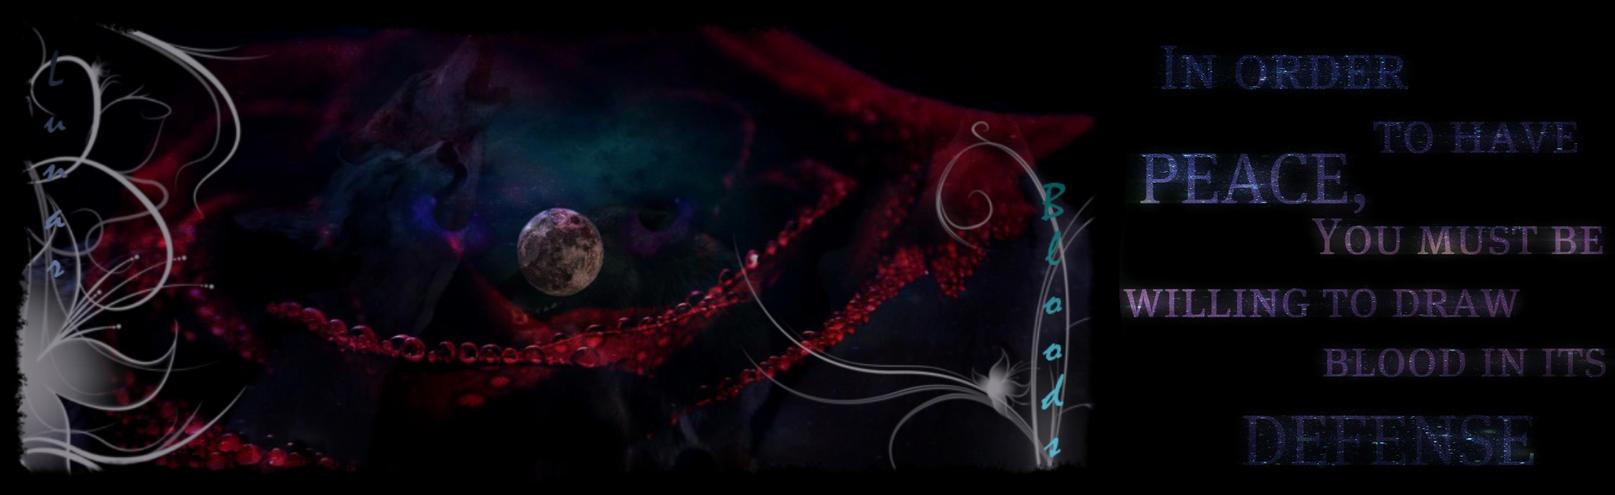 Unknown Blood Lunar_bloods_baner_by_galaxyburstwarrior-d3kxbz3